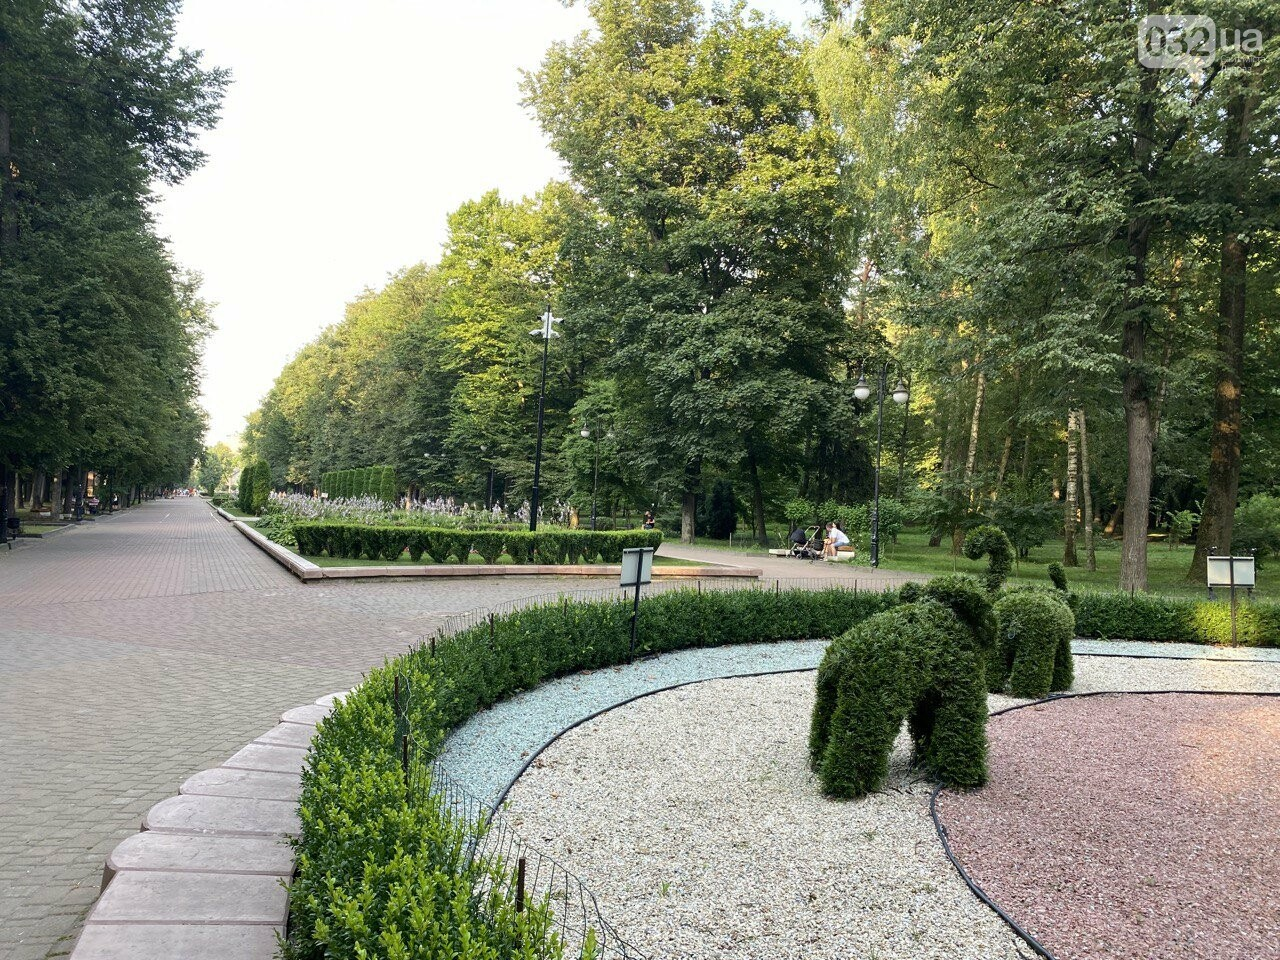 Міський парк в Івано-Франківську, Фото: 032.ua